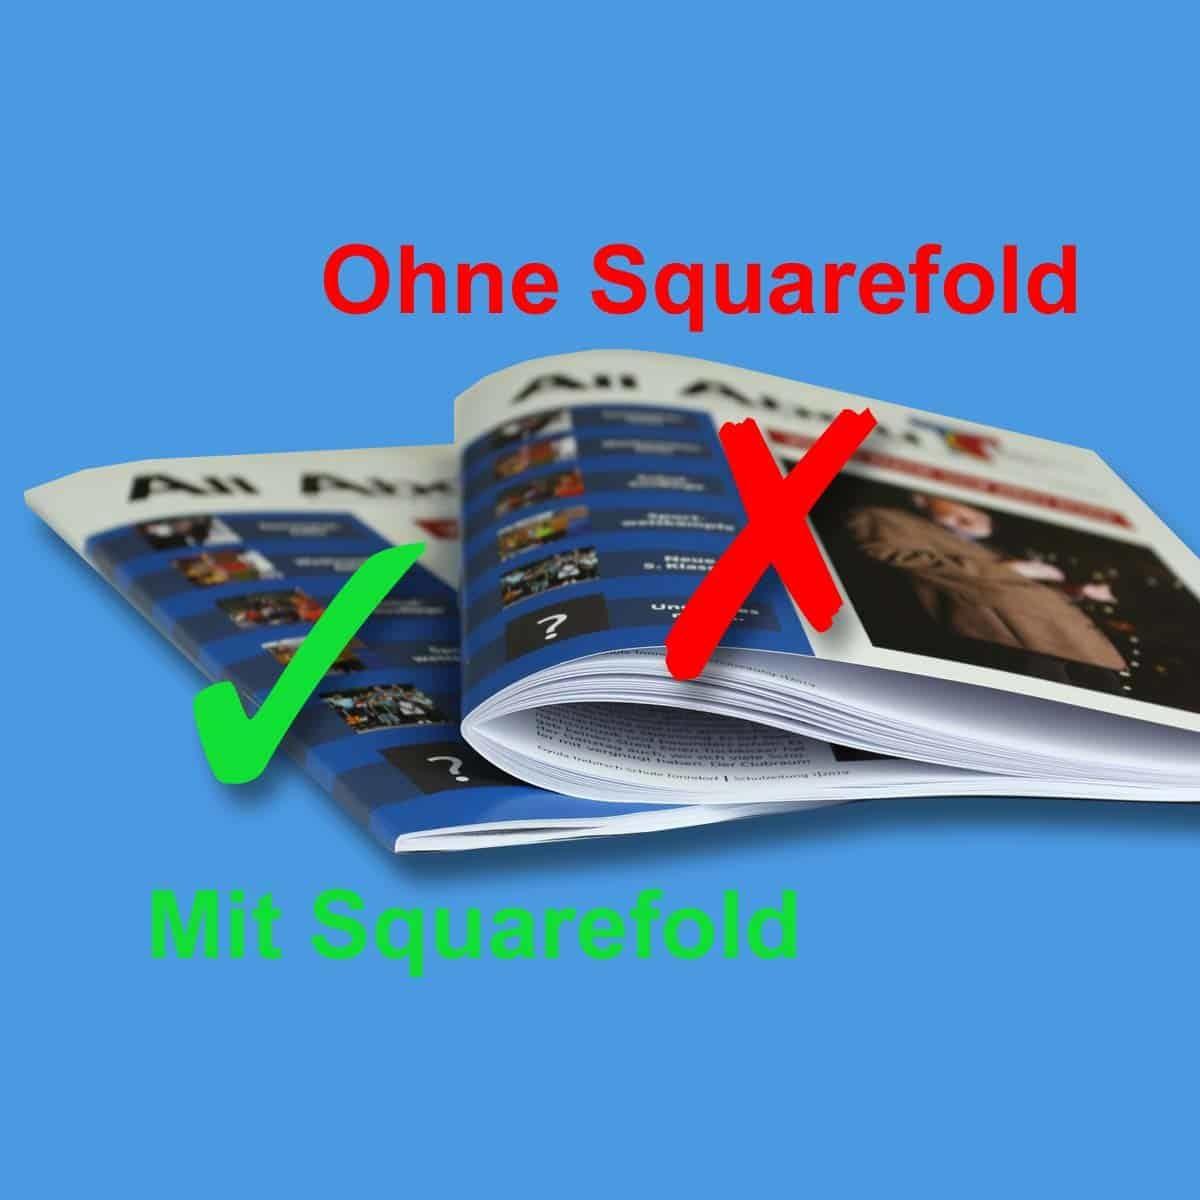 Die Broschüre mit Buchrückenfalz oder auch Squarefold hat eine bessere Optik und liegt auch flacher.